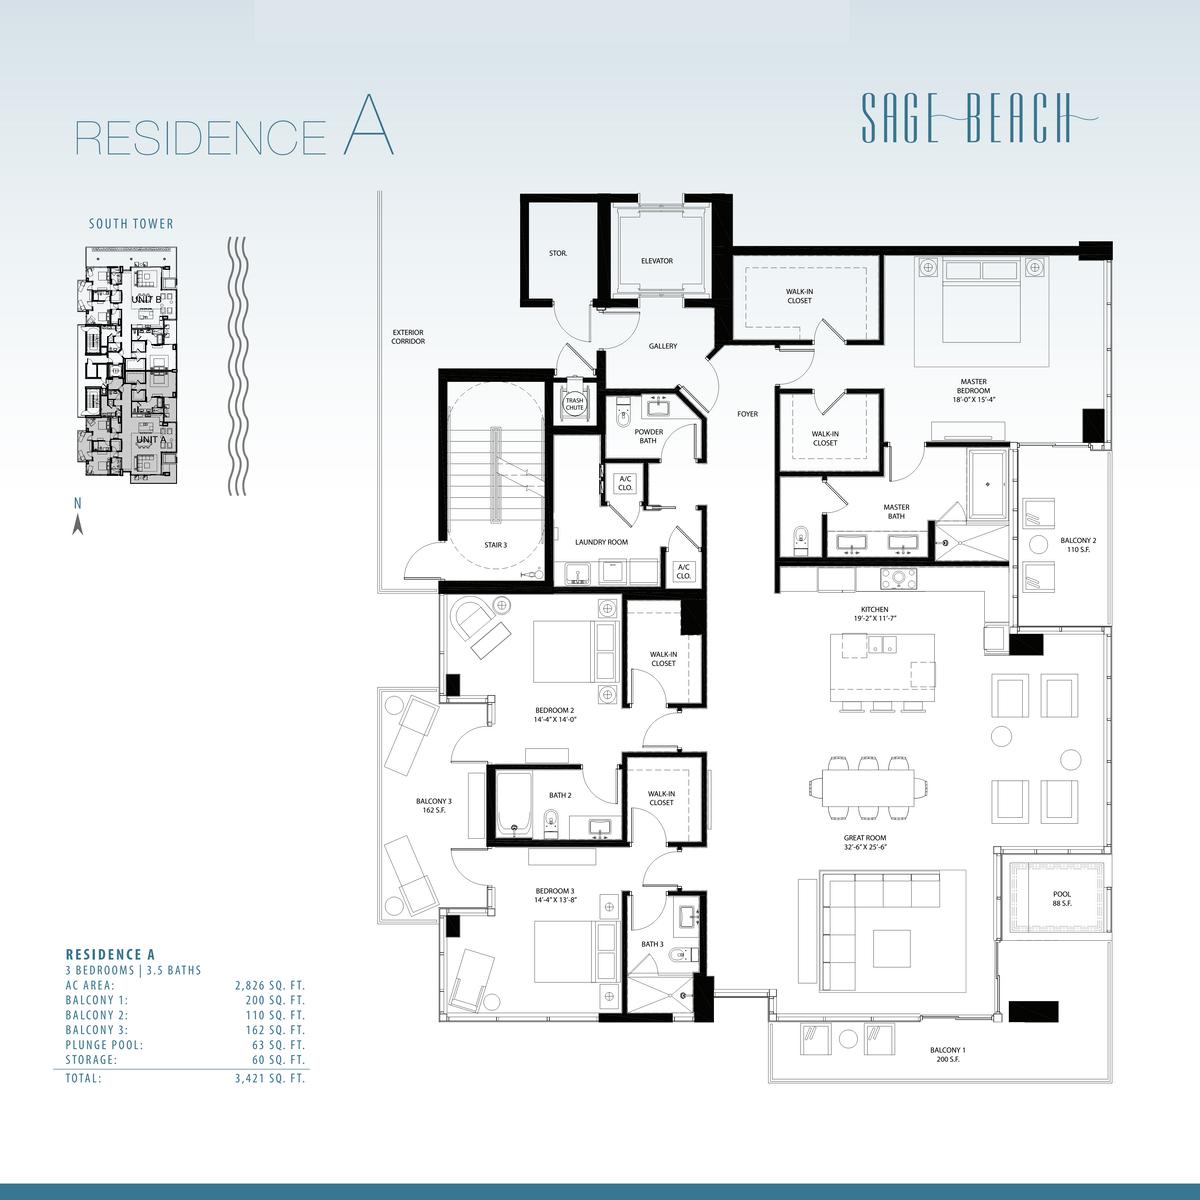 Sage Beach - Floorplan 4